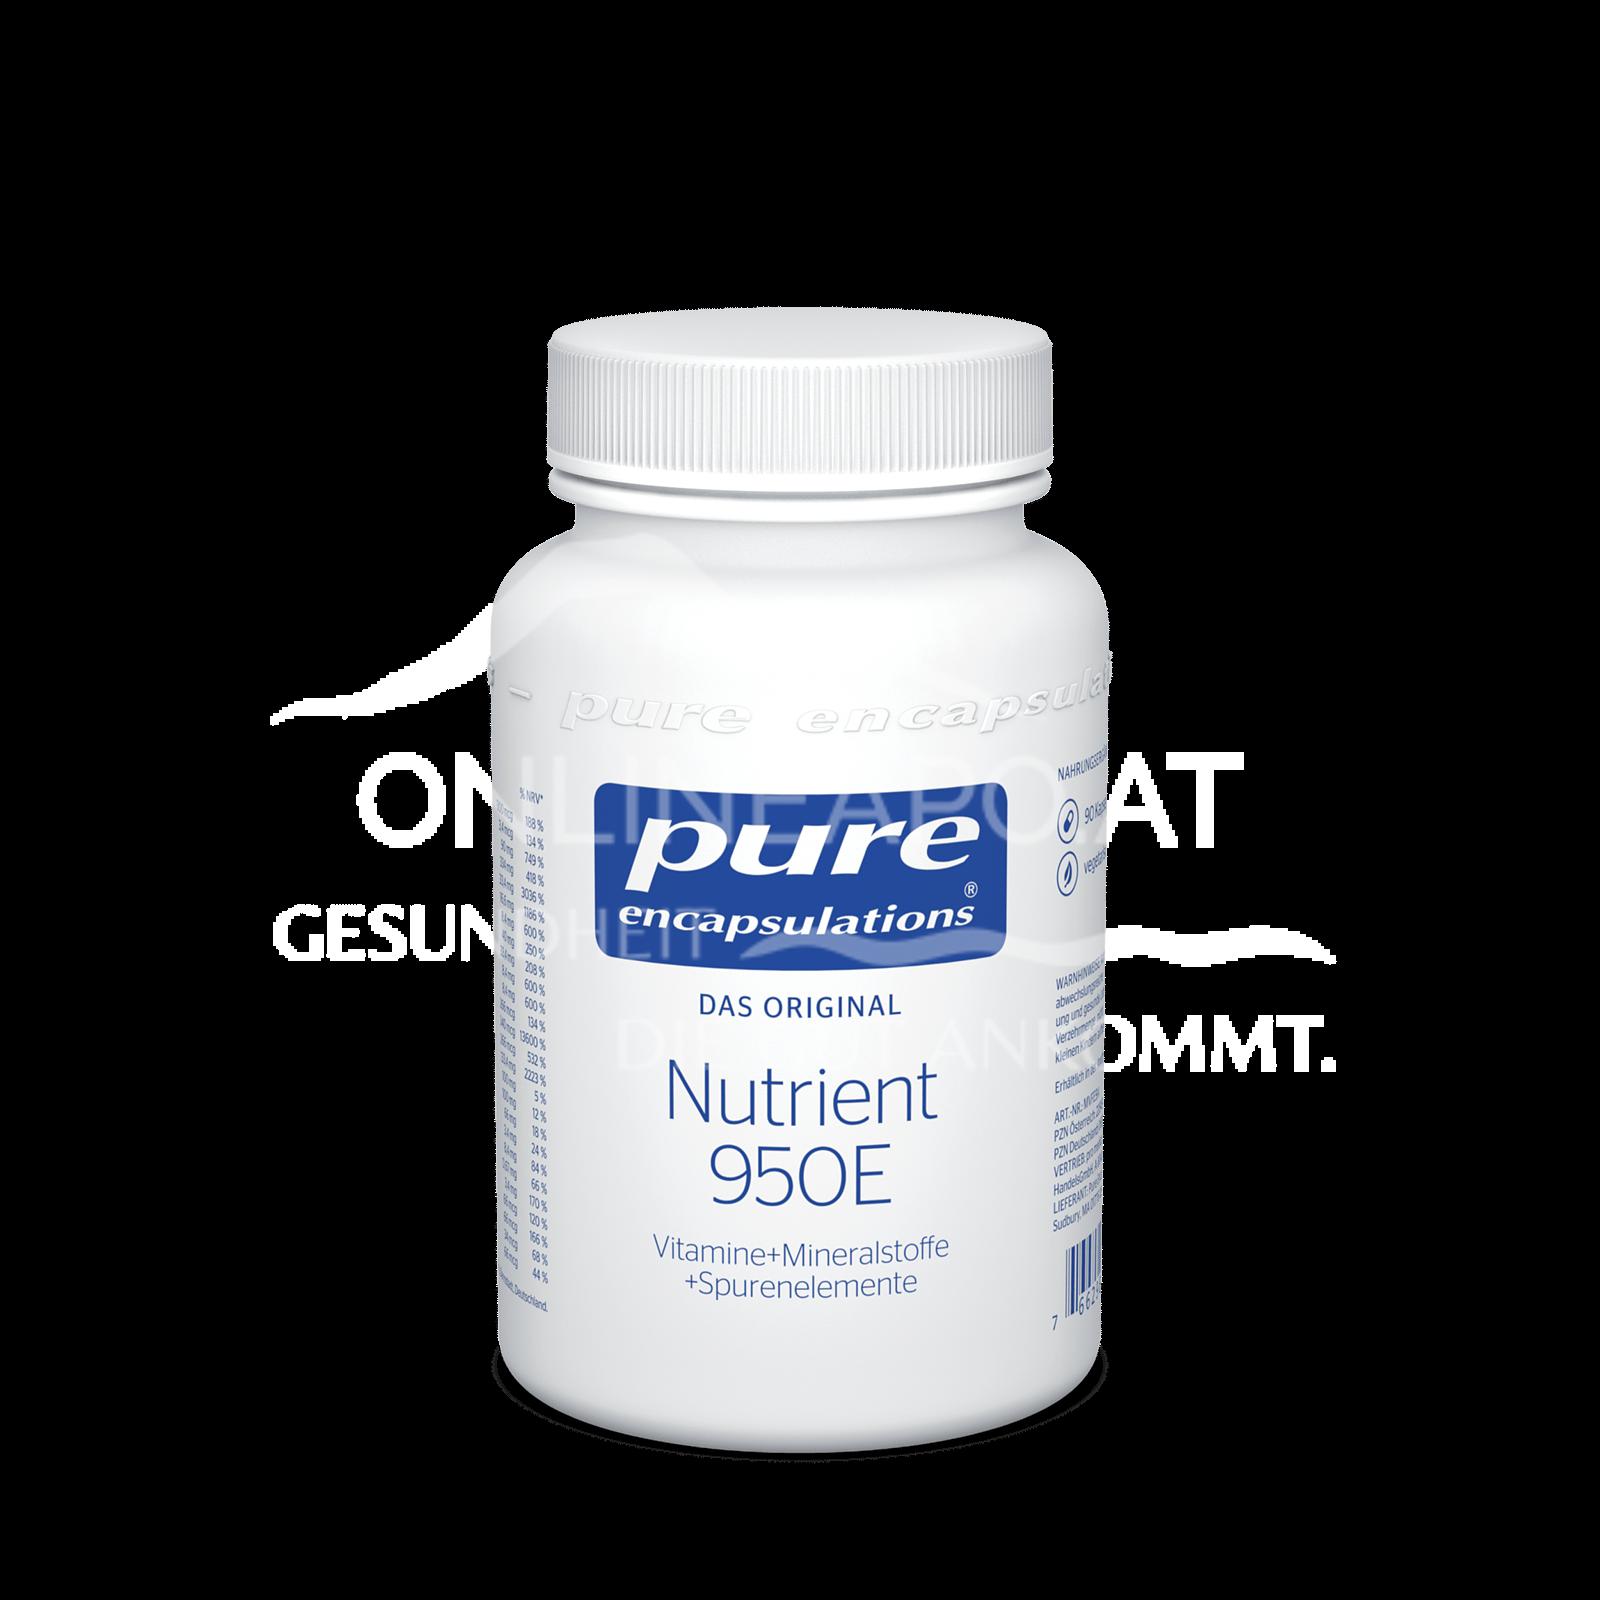 pure encapsulations® Nutrient 950E